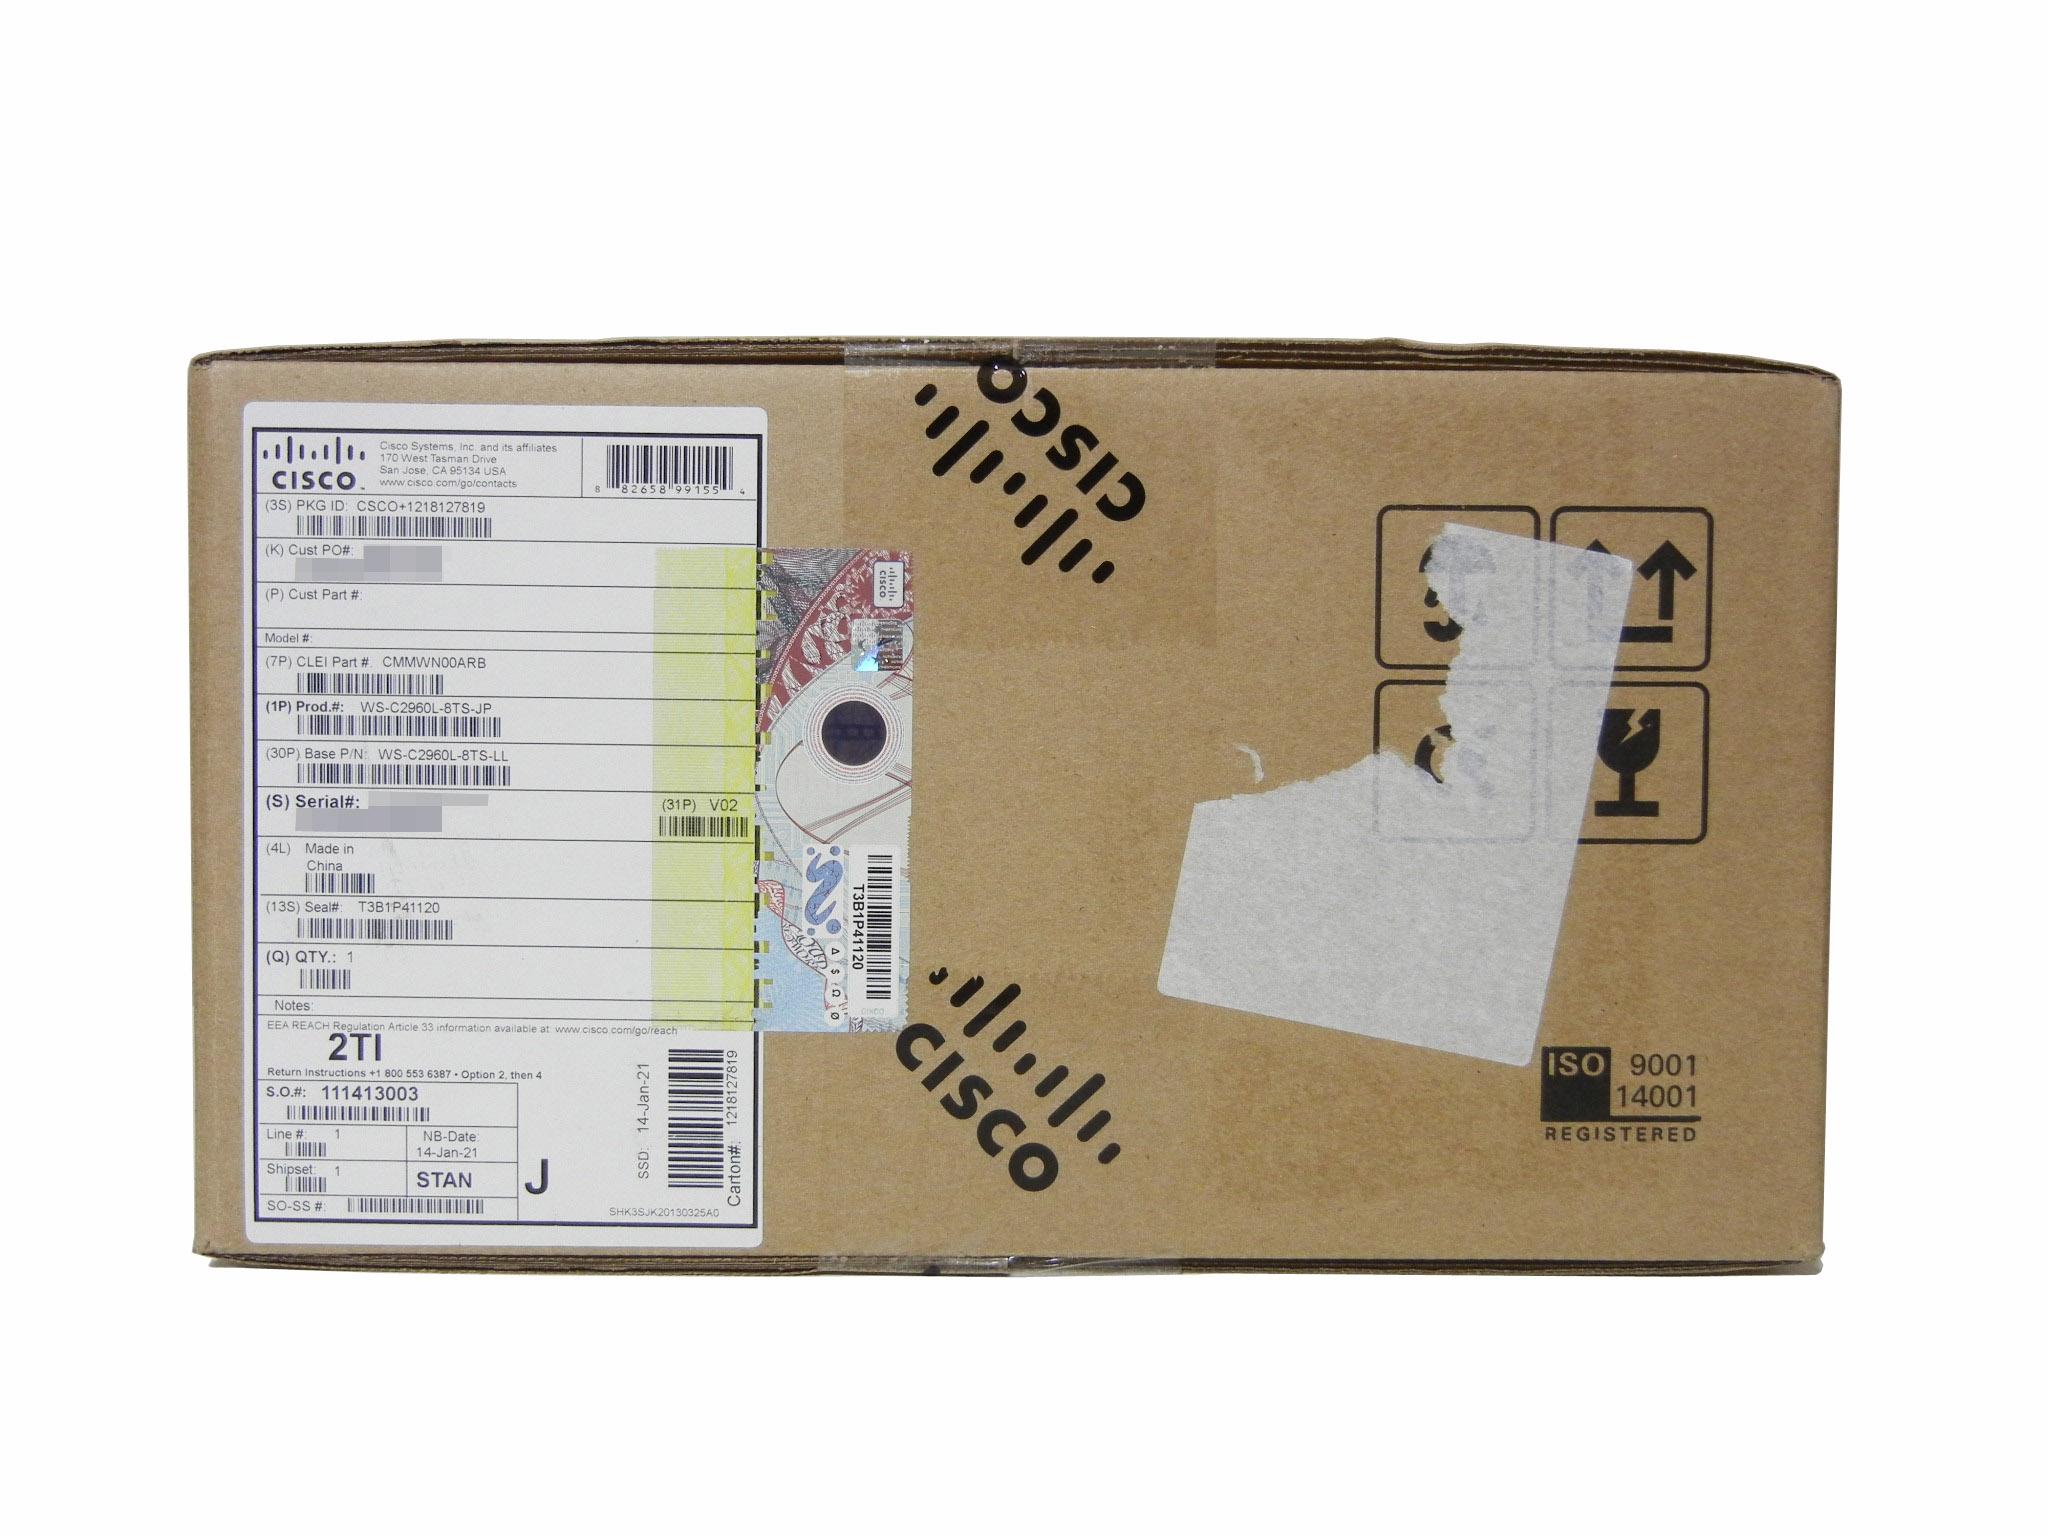 【新品】Cisco  Catalyst C2960L-8TS-LL (WS-C2960L-8TS-LL)